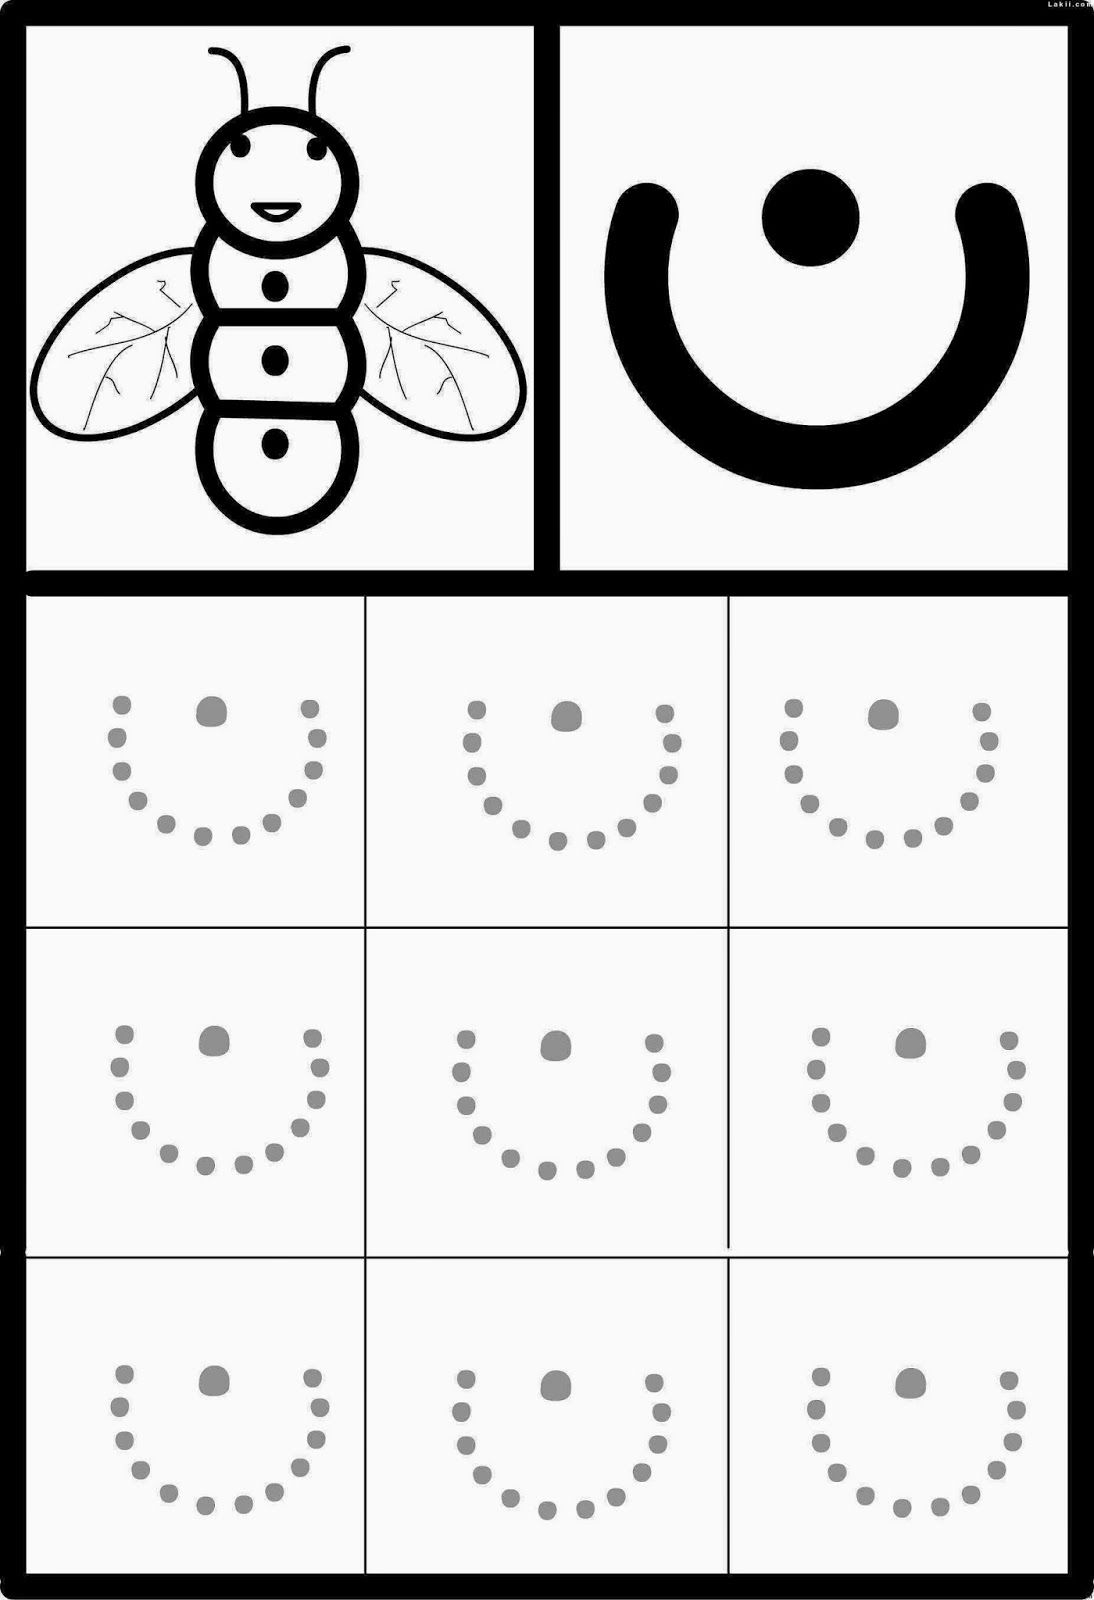 روضة العلم للاطفال التدريب على كتابة حروف الهجاء Arabic Alphabet For Kids Arabic Alphabet Arabic Alphabet Letters